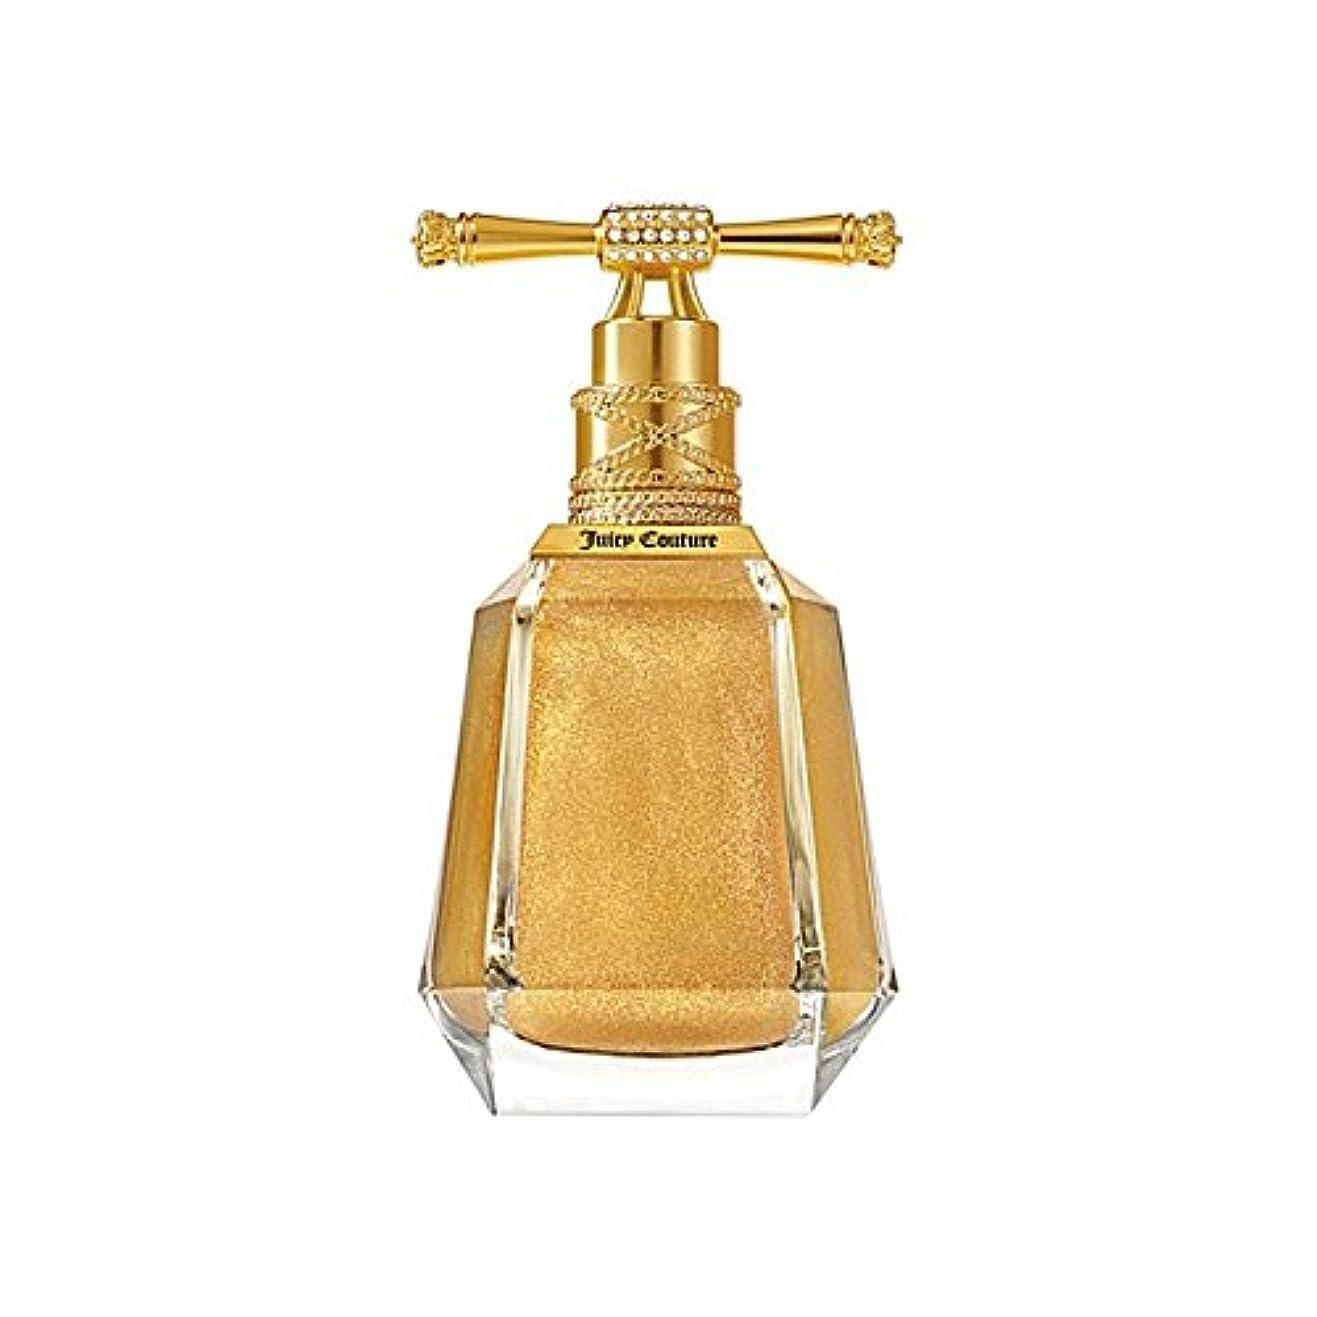 読みやすさ到着効率Juicy Couture Dry Oil Shimmer Mist 100ml (Pack of 6) - ジューシークチュールドライオイルきらめきミスト100ミリリットル x6 [並行輸入品]